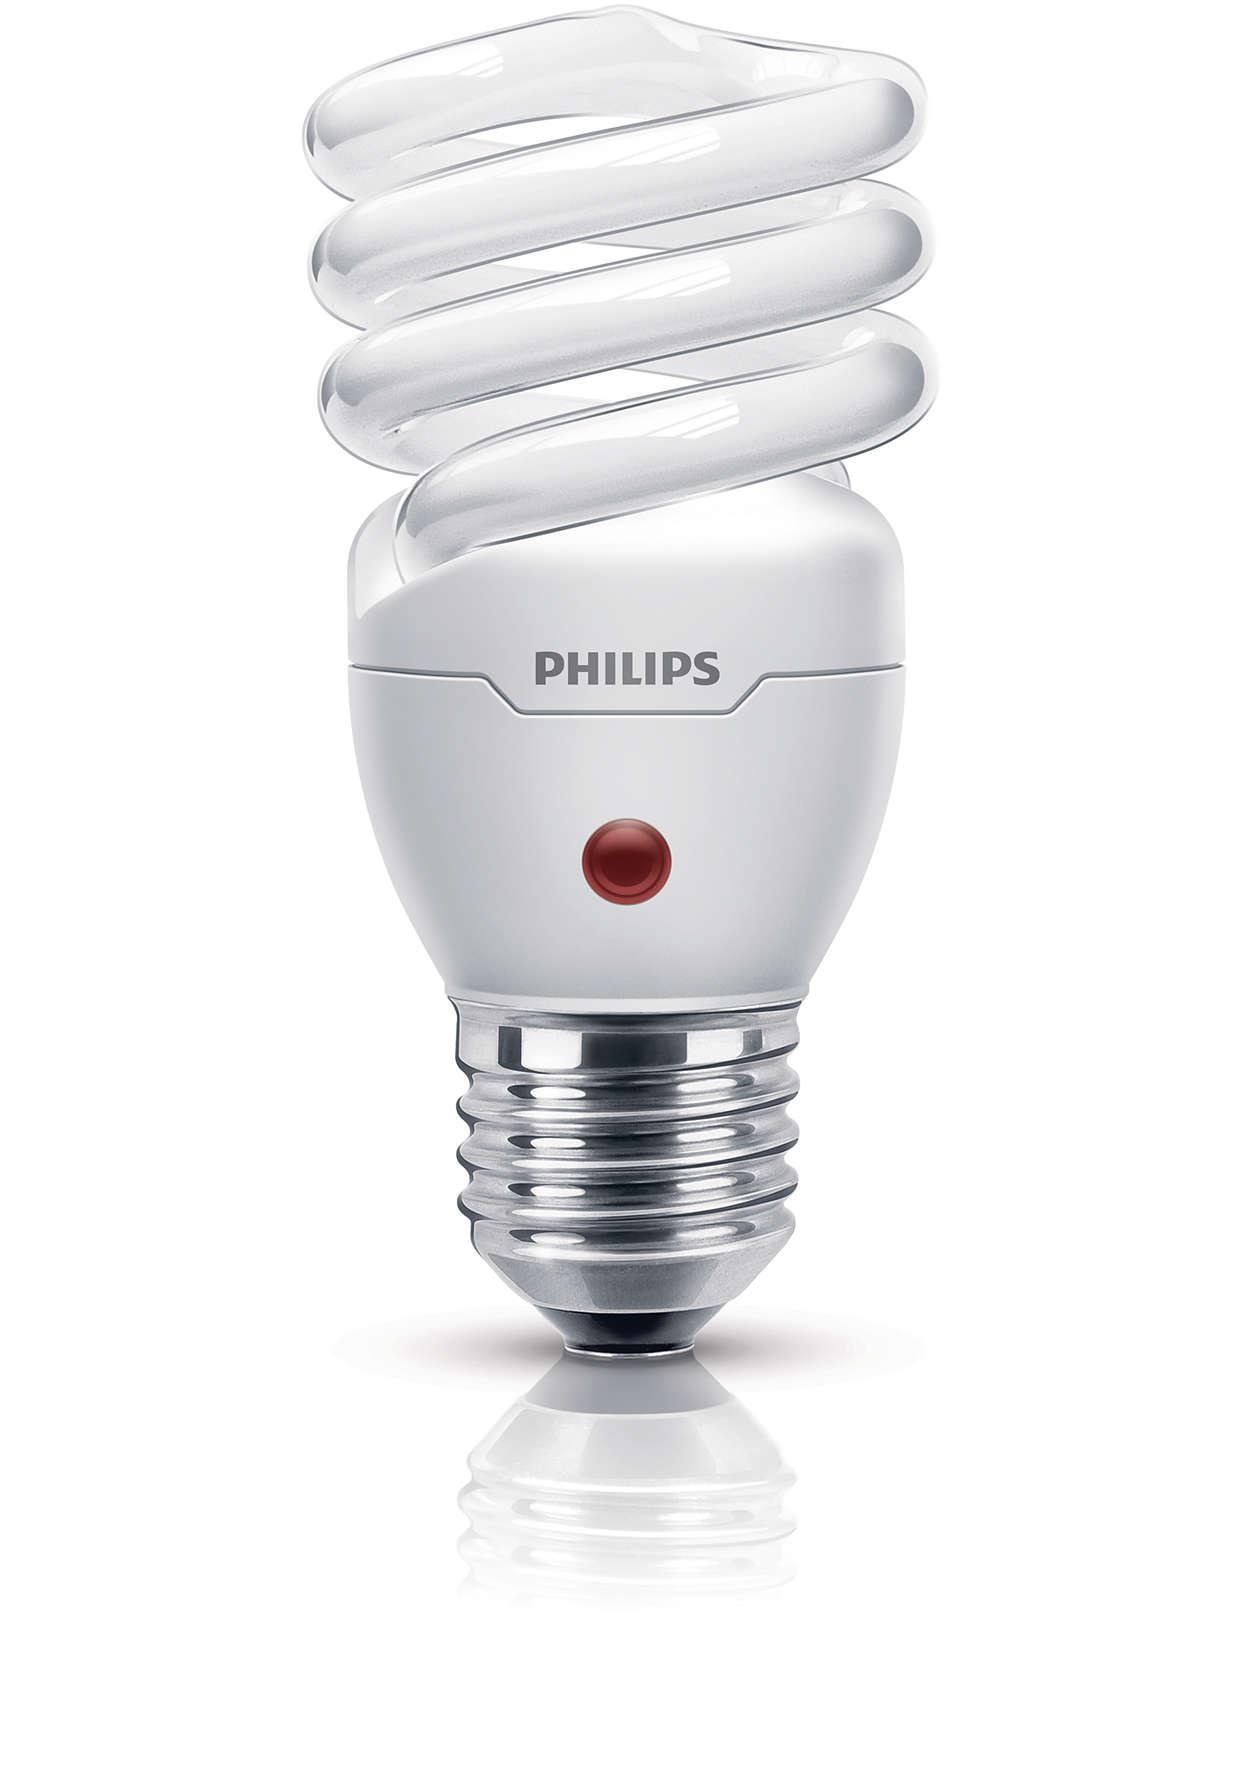 Με αισθητήρα φωτός υψηλής απόδοσης